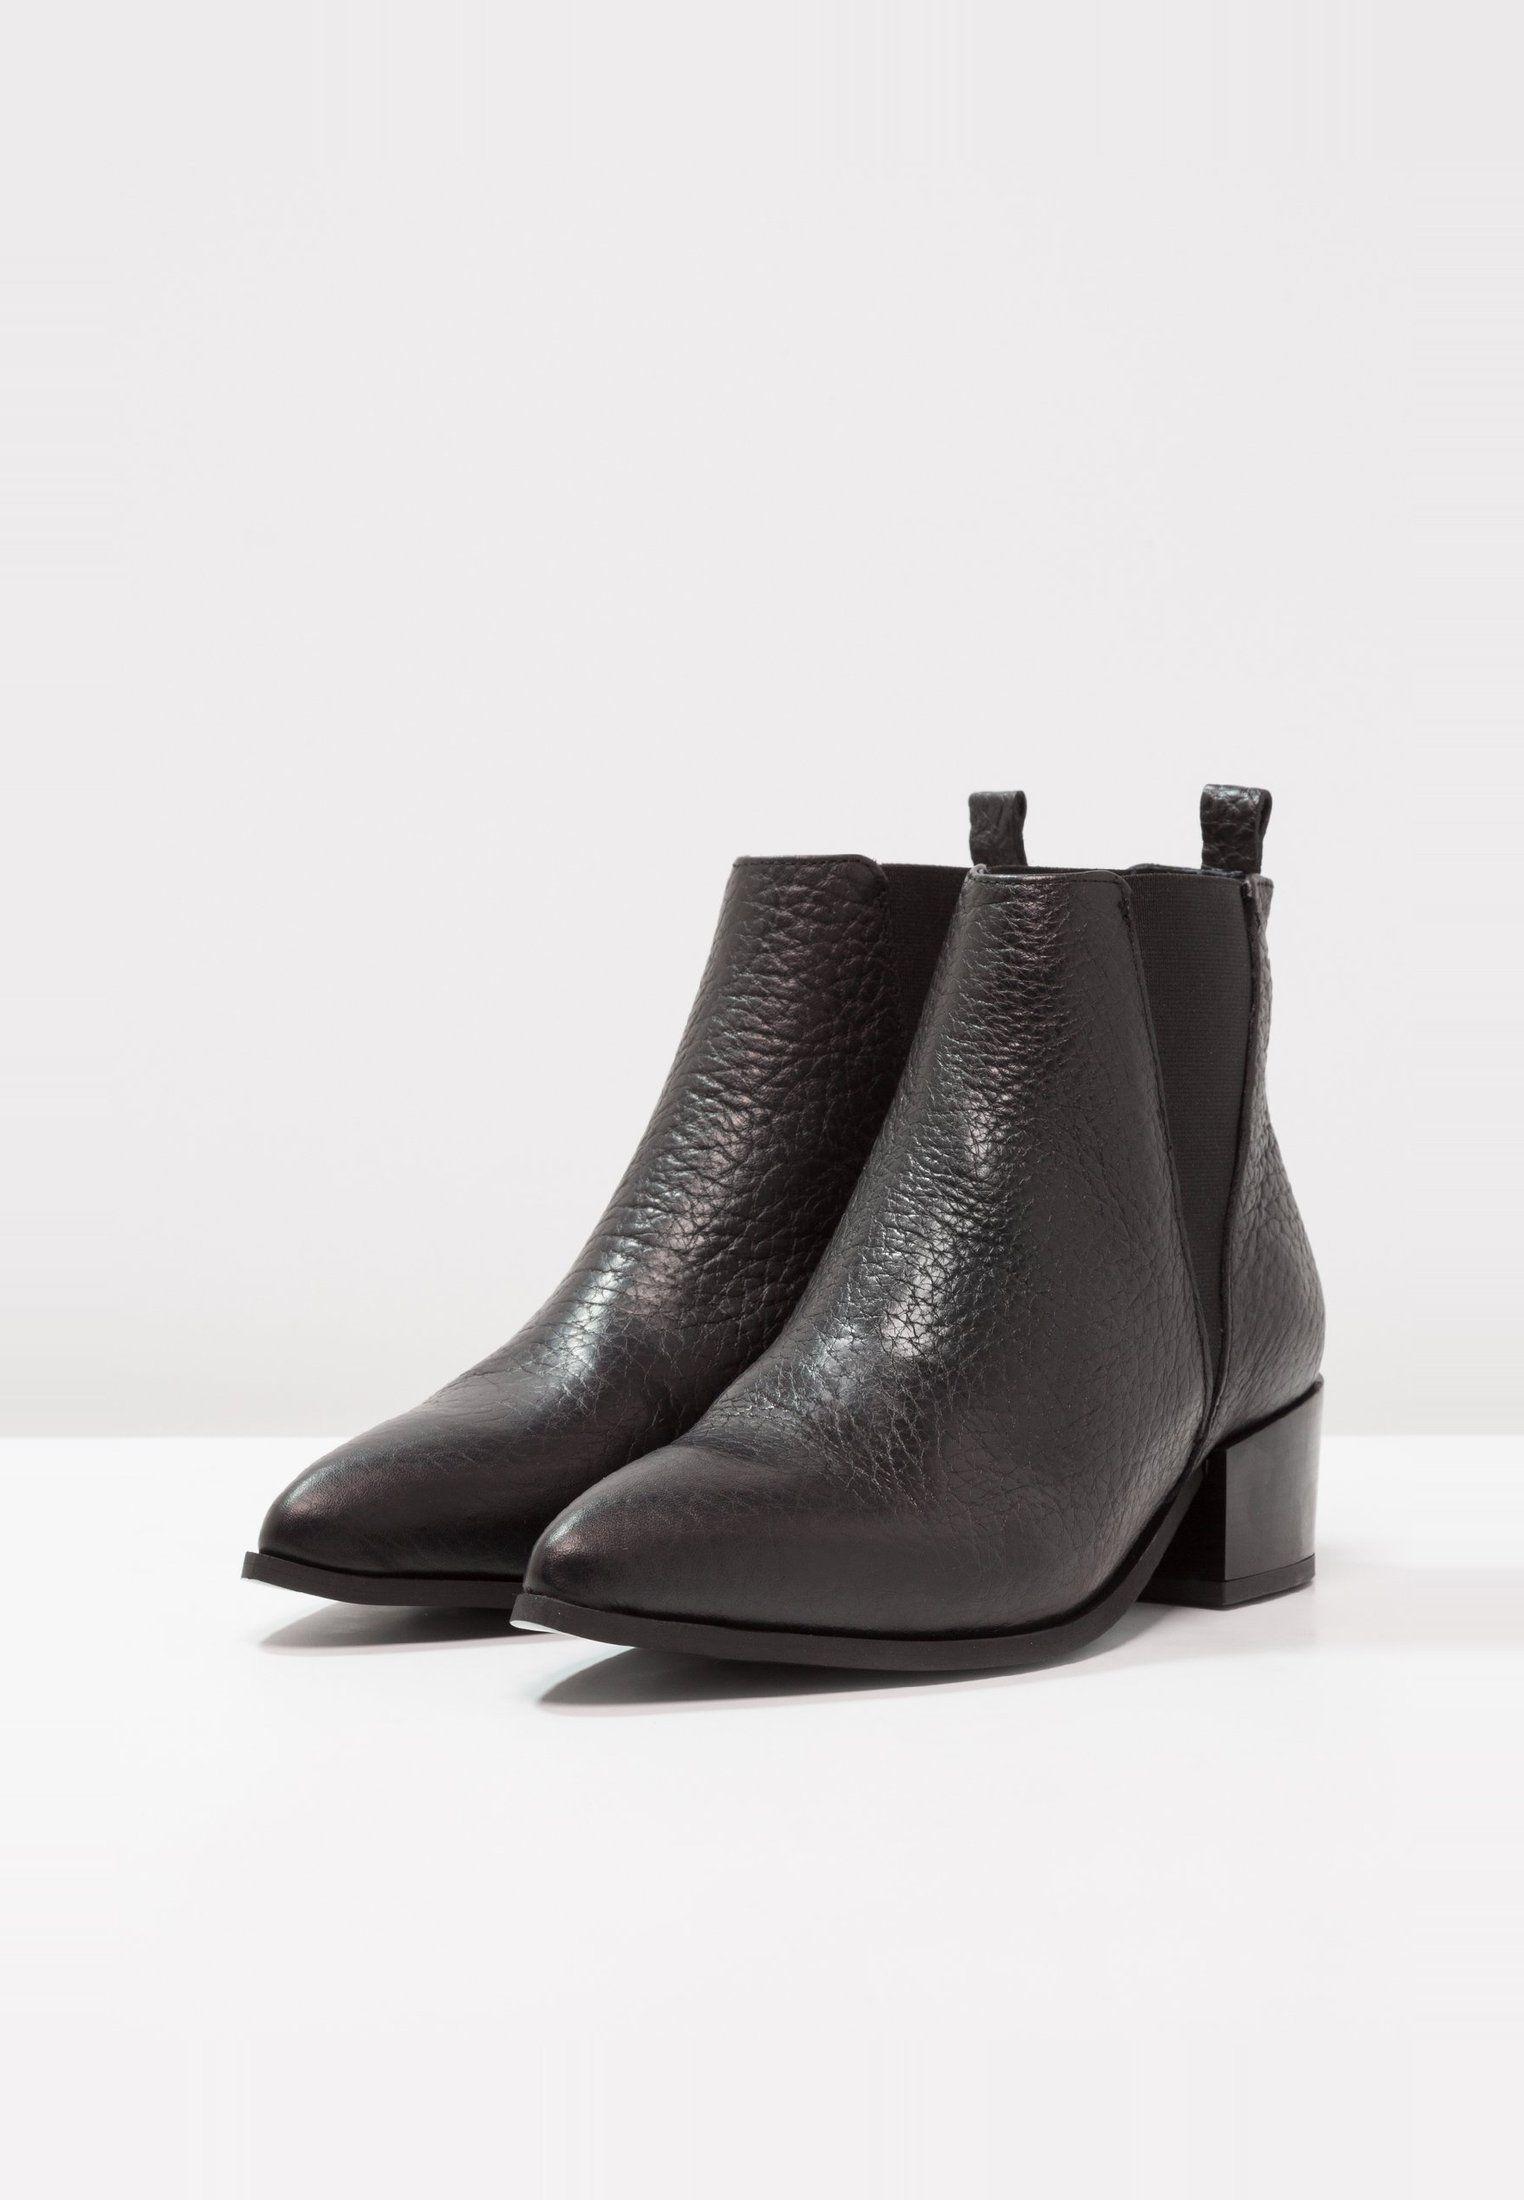 official photos c6c2d 0020a KAREN - Ankle Boot - black @ Zalando.de 🛒 | wishlist ...